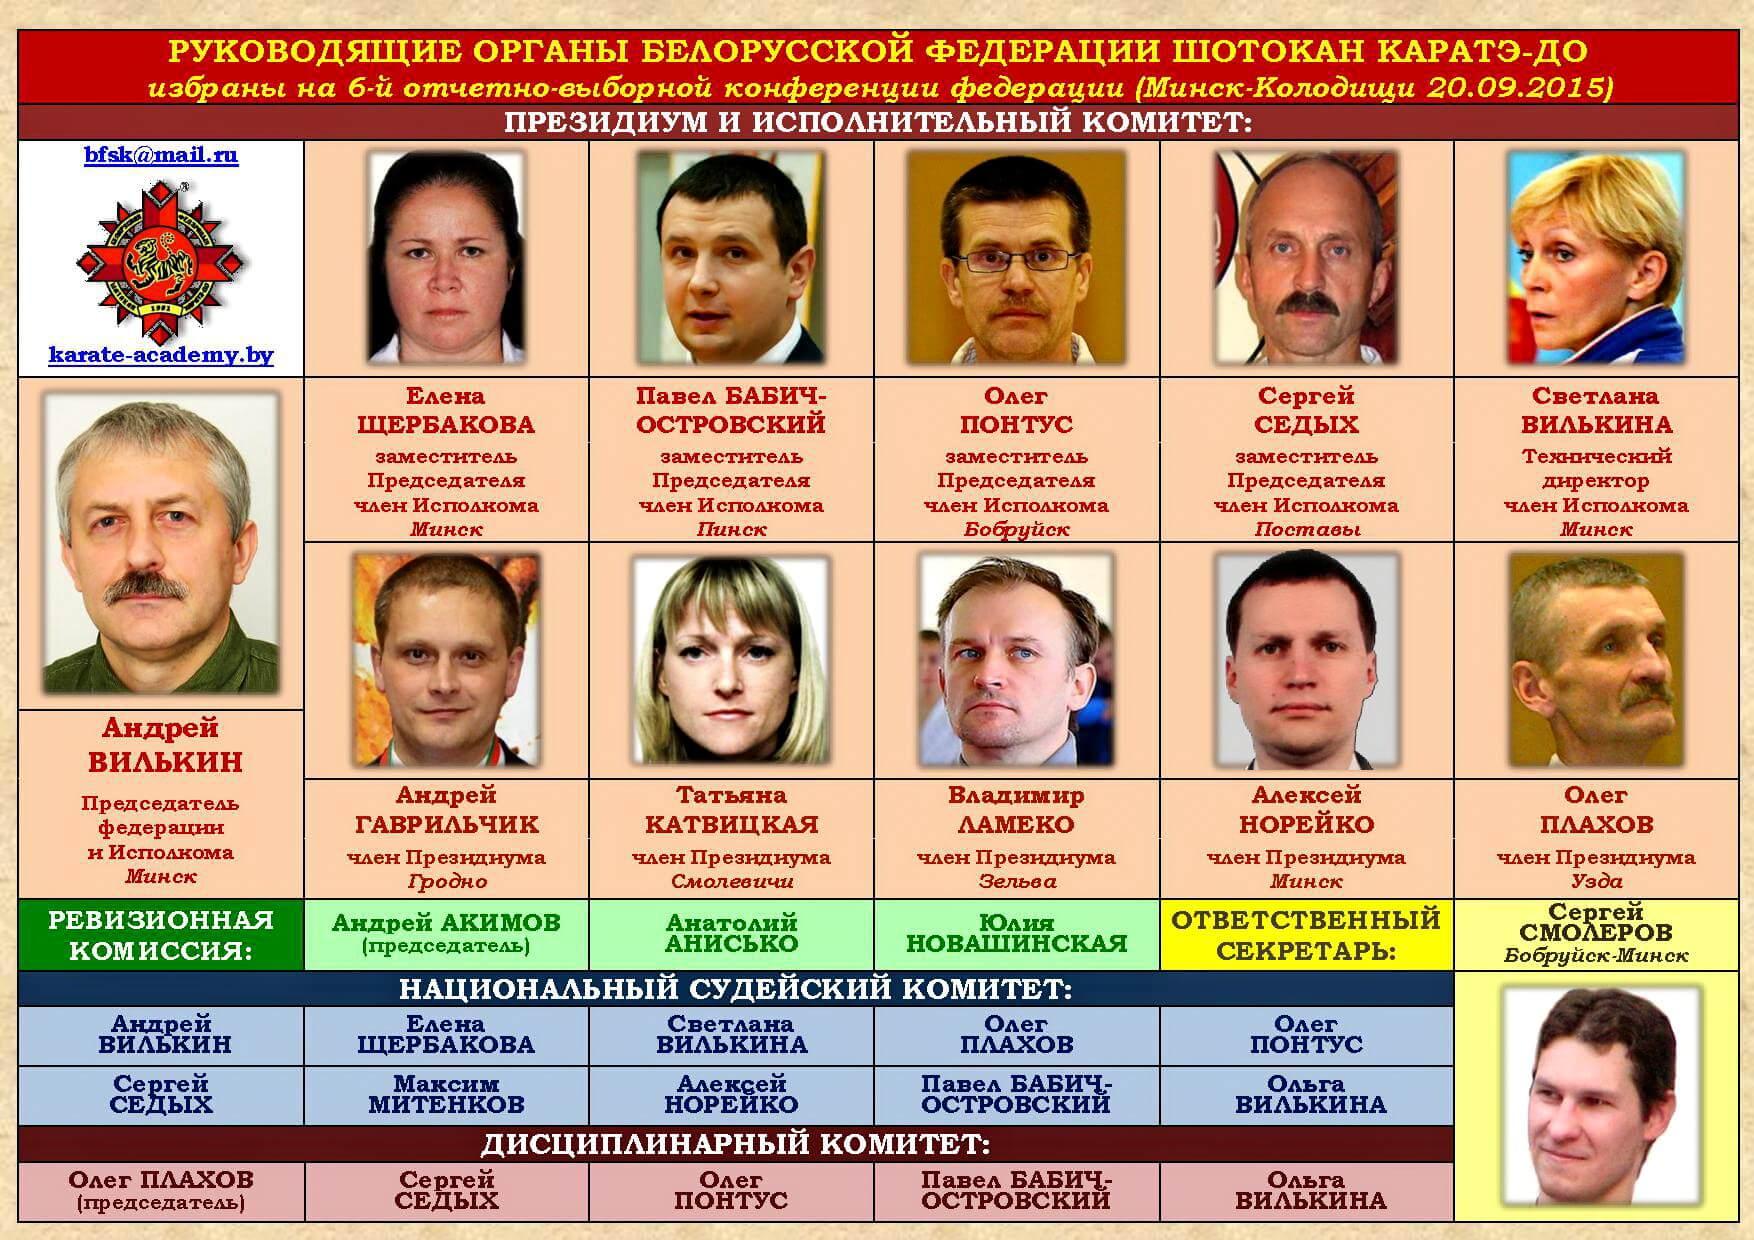 БФШК Руководящие органы 2015-09